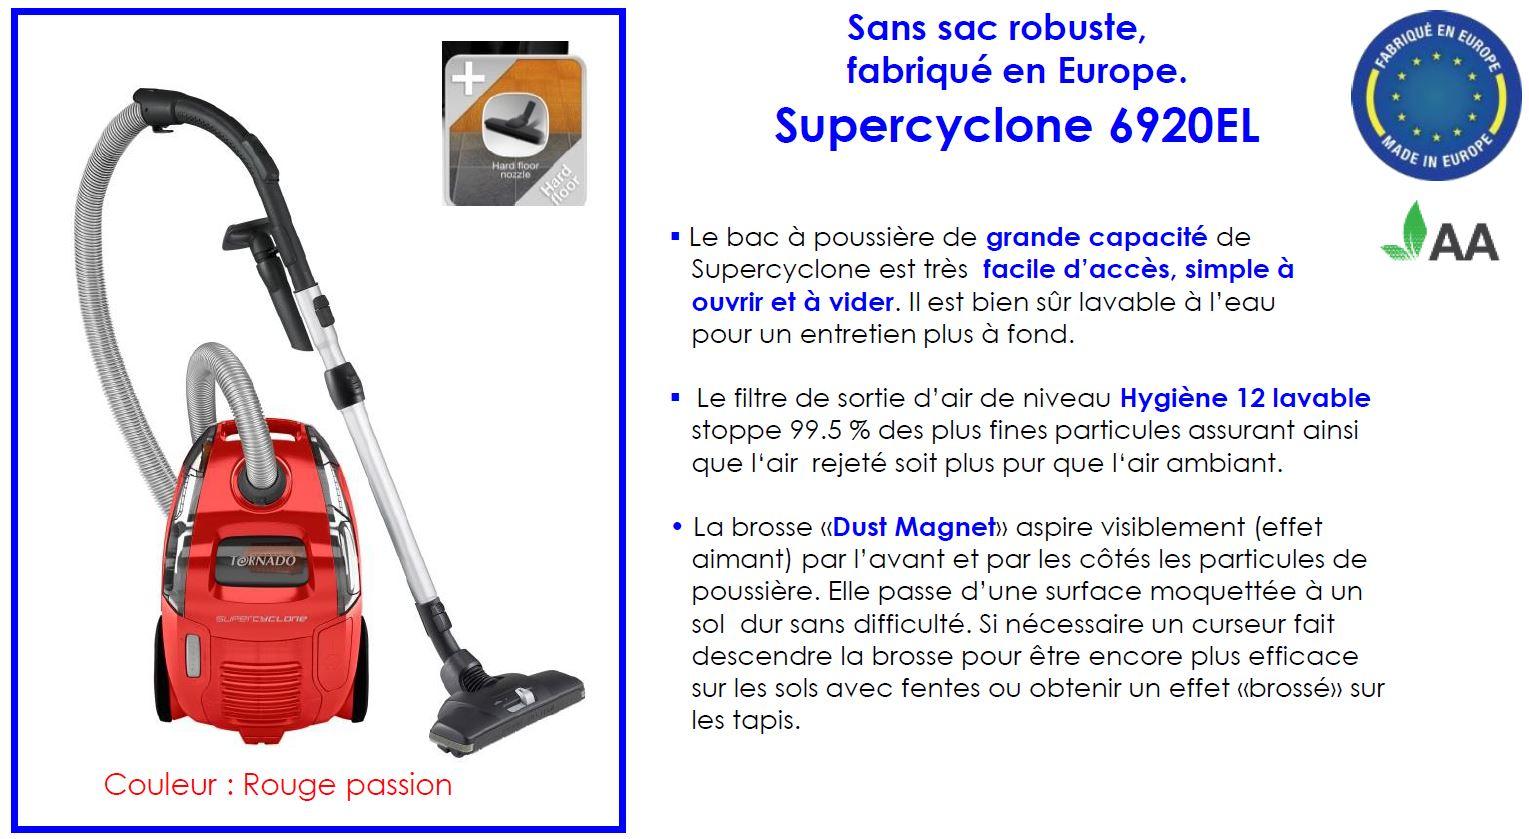 Tornado to6920el supercyclone aspirateur traineau sans sac rouge 1400 w cuisine maison - Tornado aspirateur sans sac ...